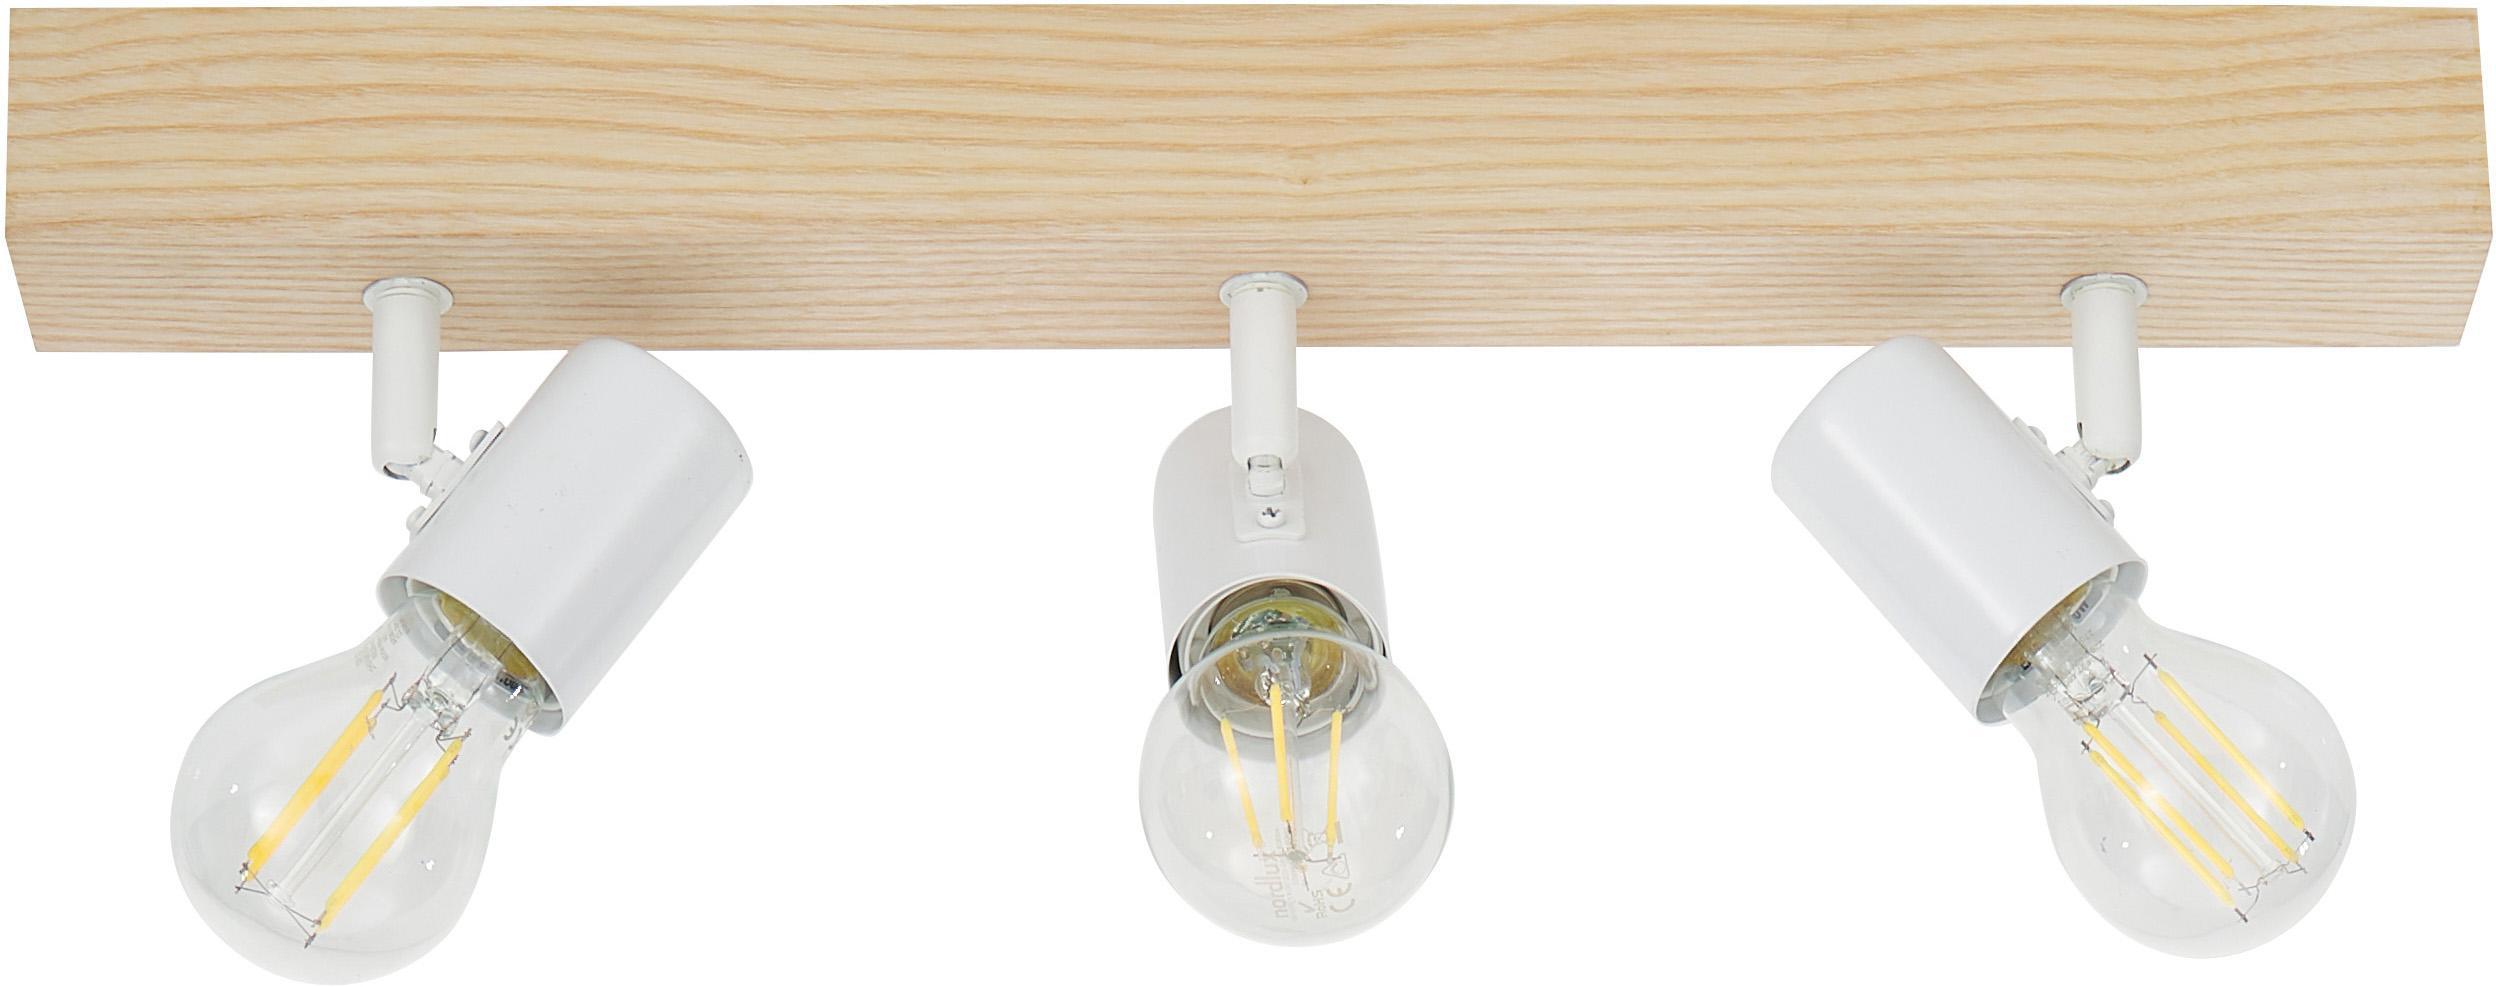 Faretti da soffitto Townshend, Acciaio rivestito, legno, Bianco, legno, Larg. 48 x Alt. 13 cm